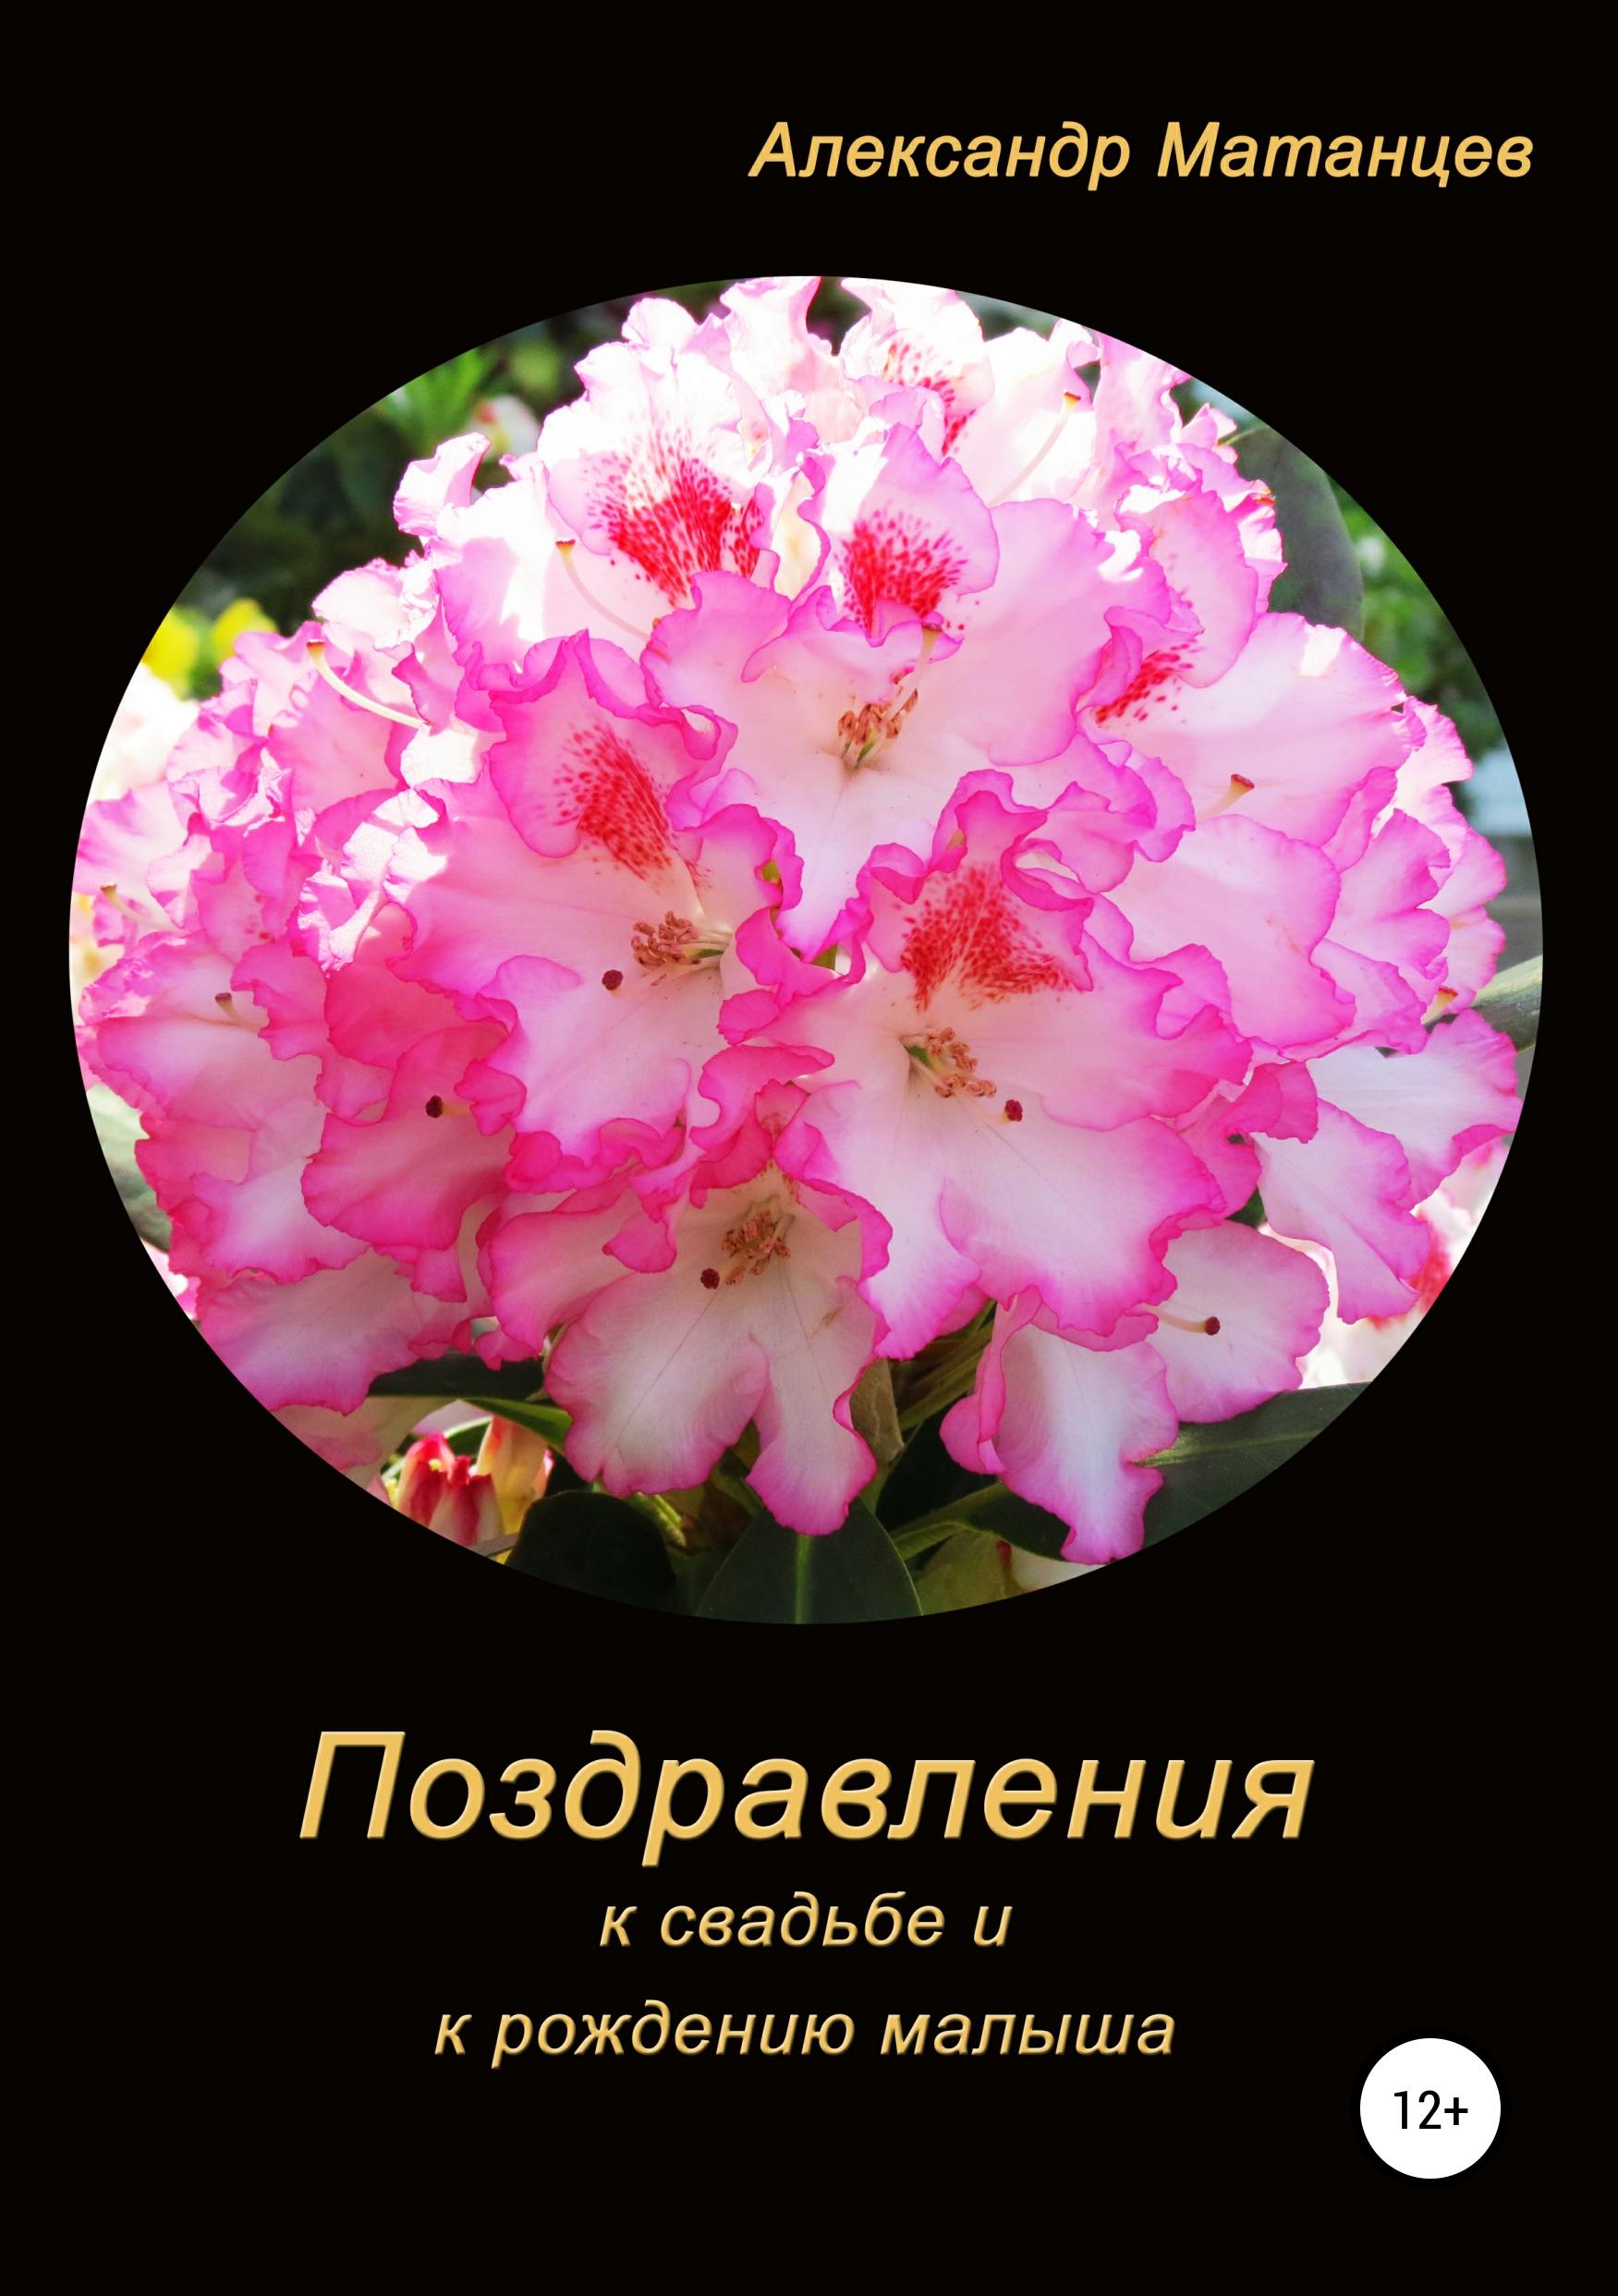 Александр Матанцев Поздравления к свадьбе и рождению малыша